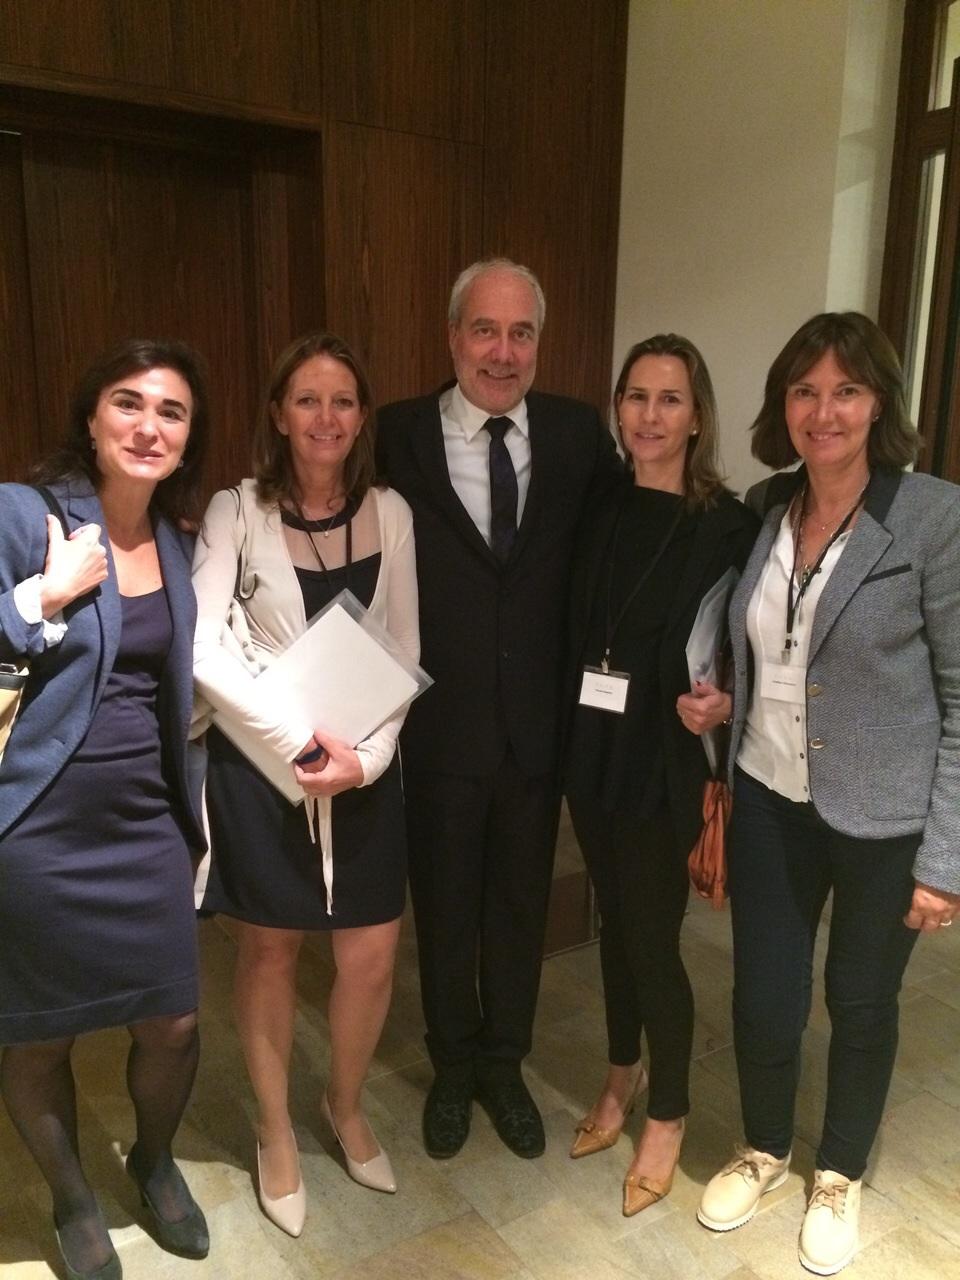 Con el Dr Swift, Dra. Sopena y Dra Sitges en Praga